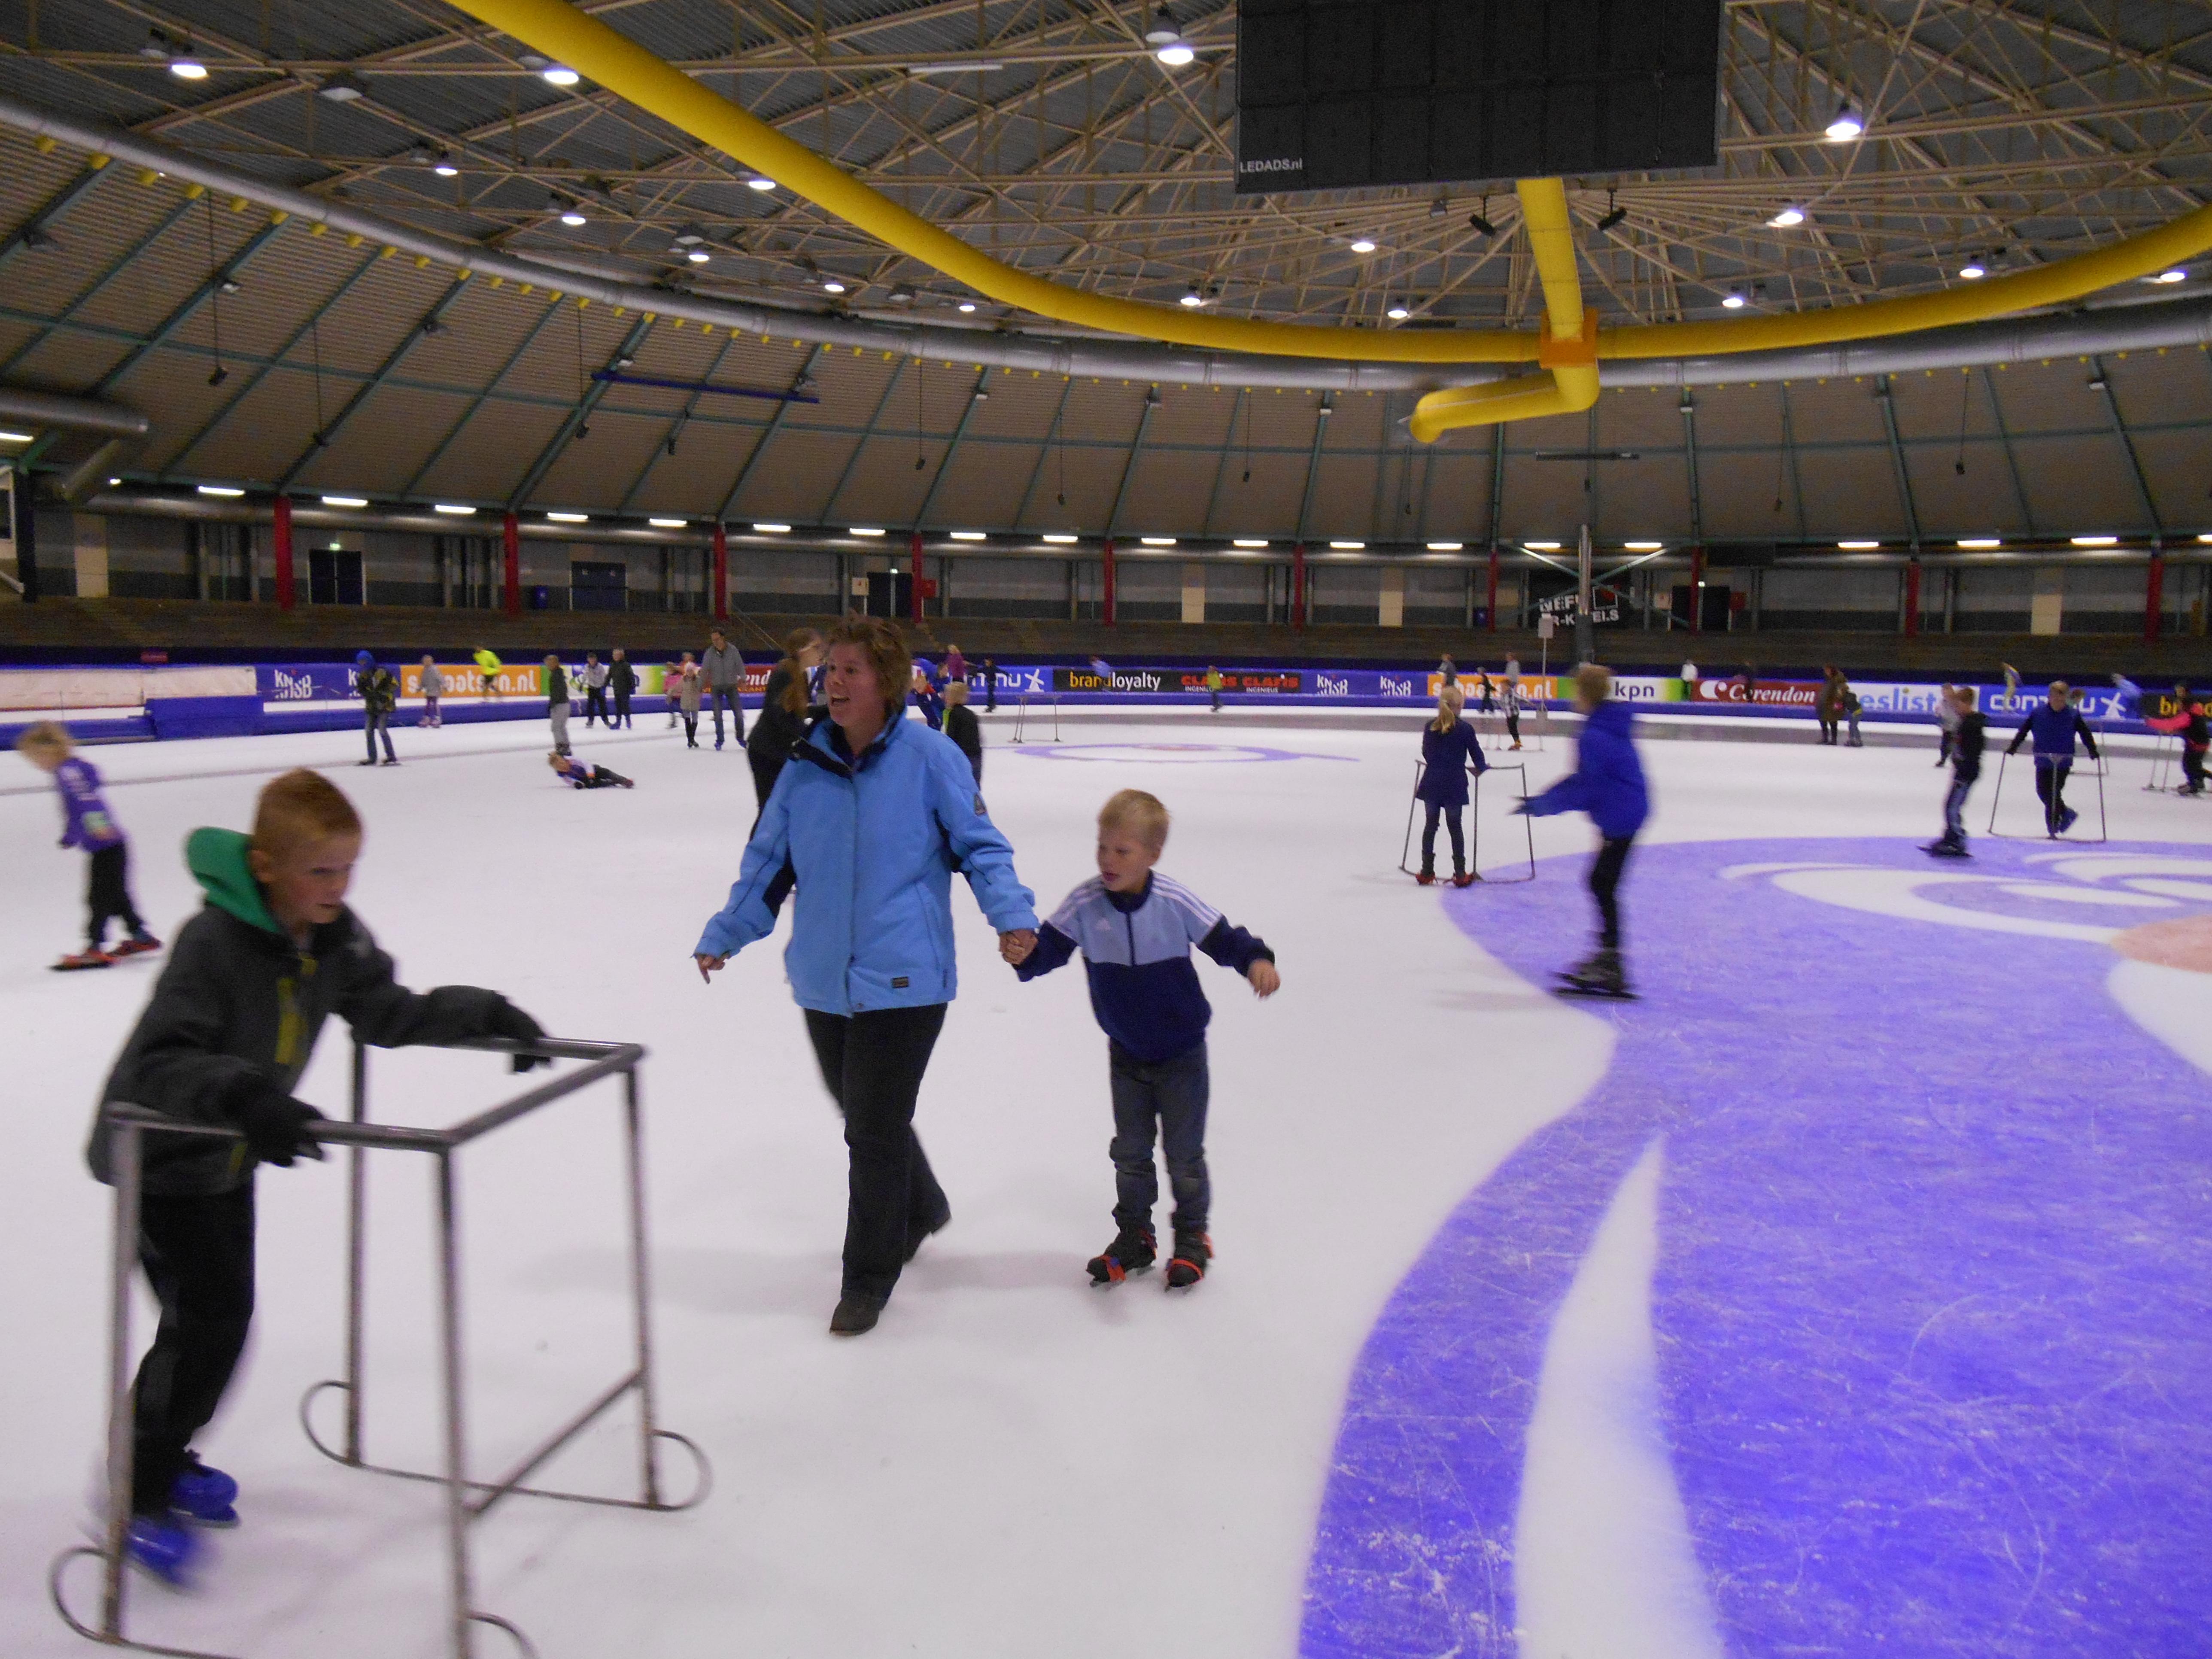 IJsclub de eendracht organiseert schaatsmiddag voor de jeugd in tialf